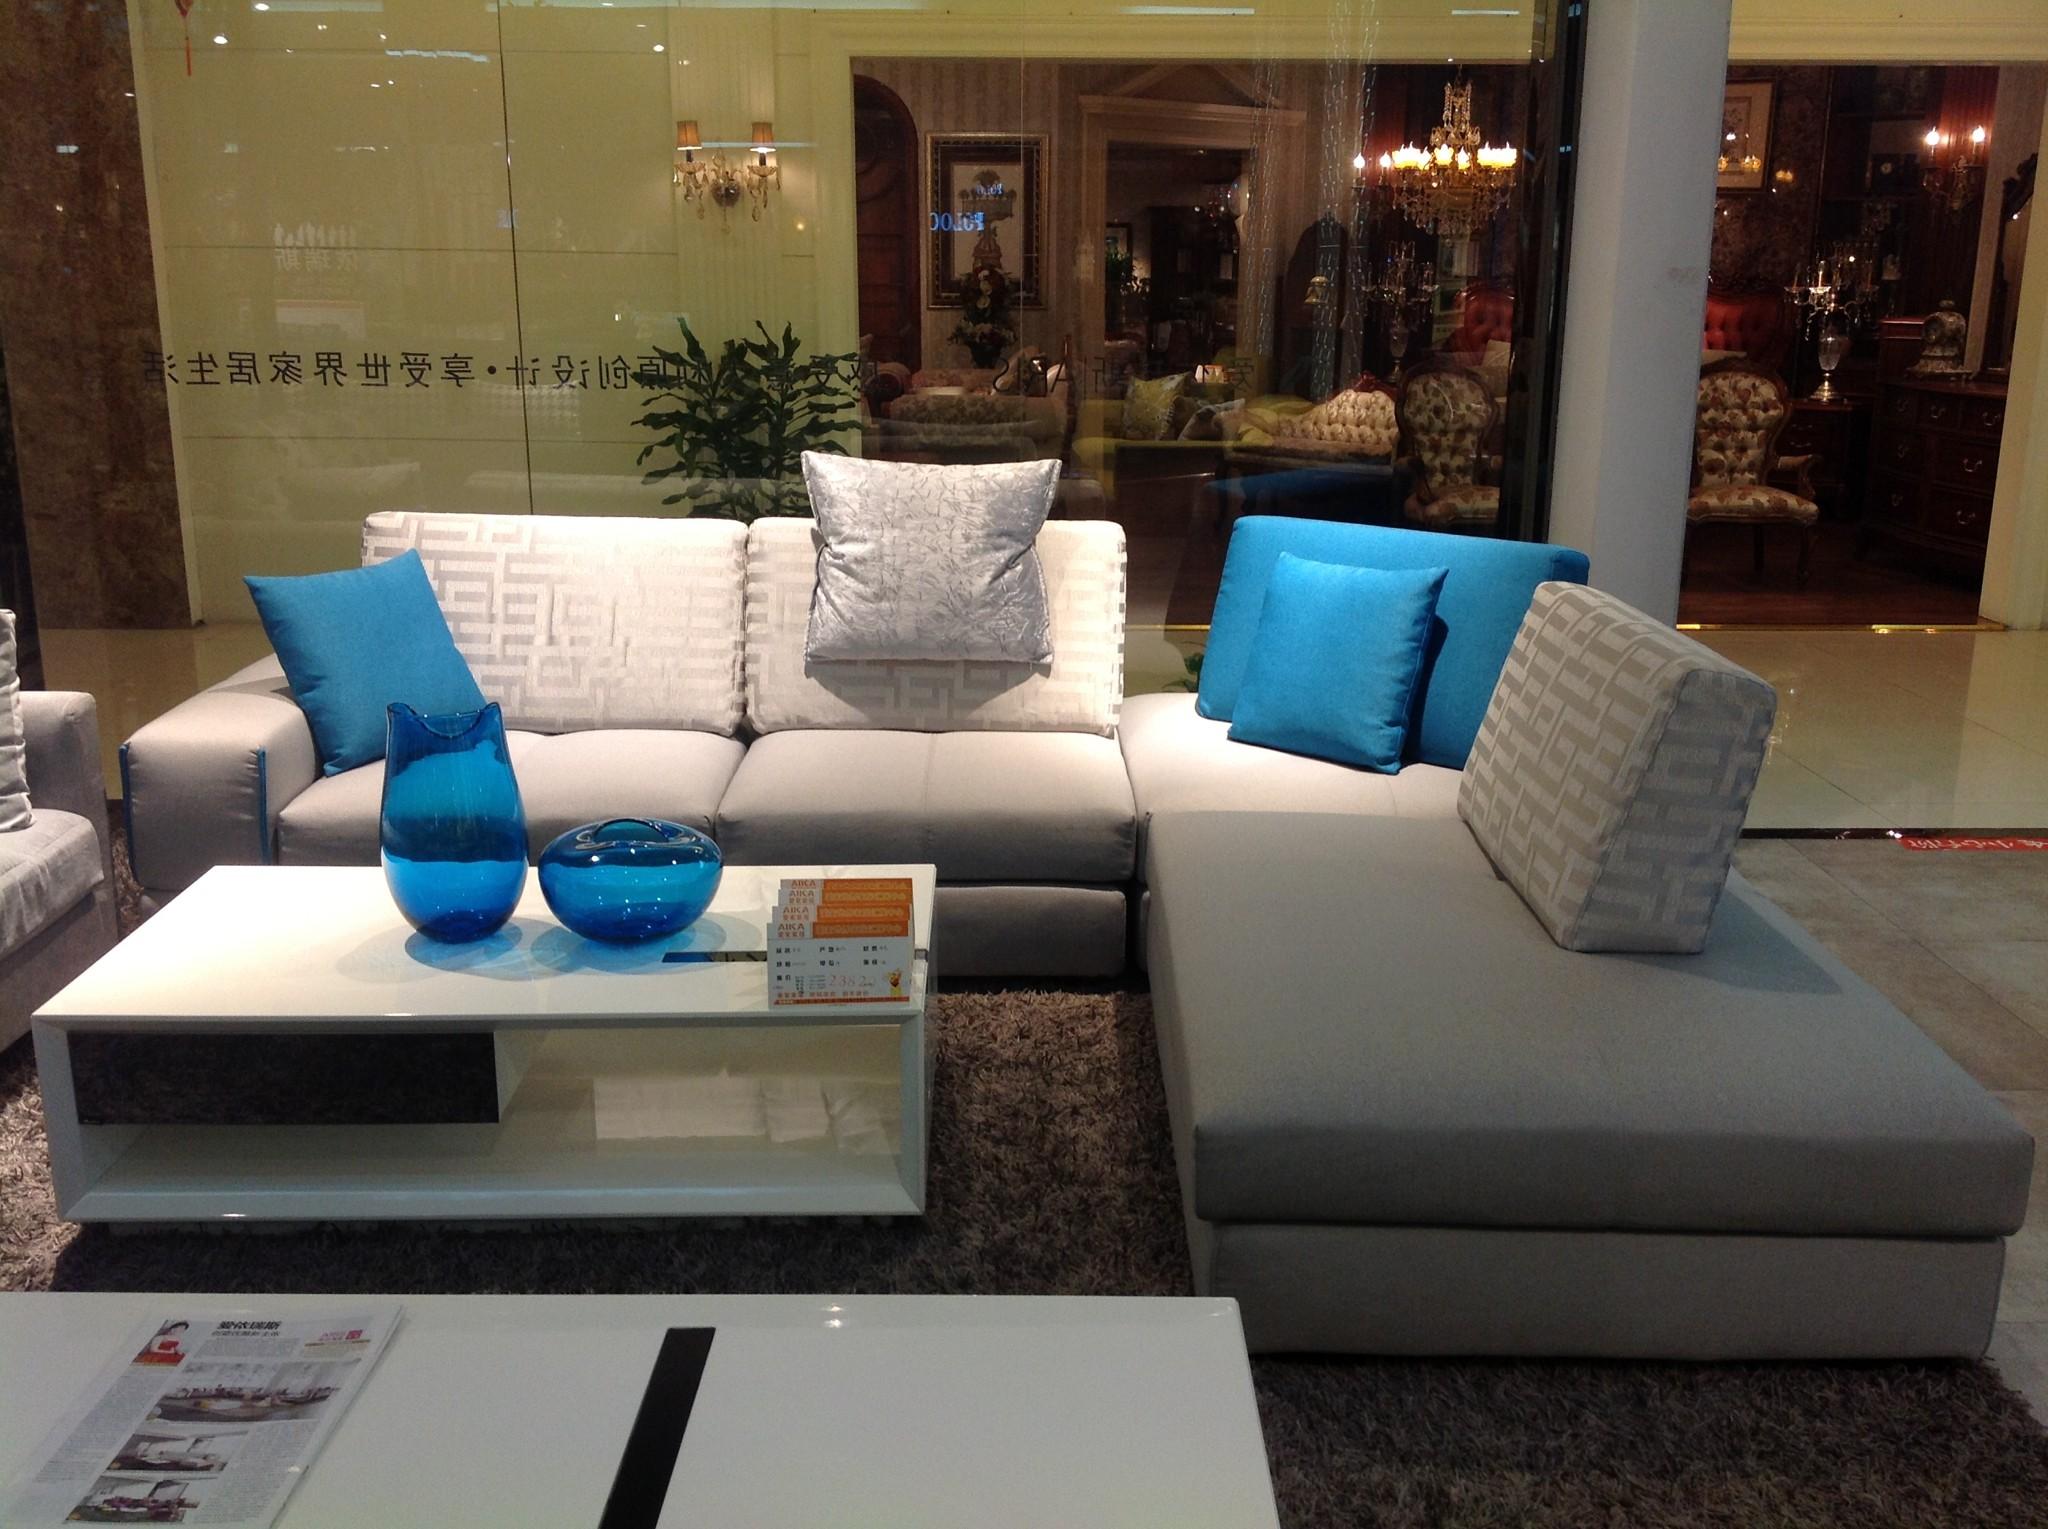 风格 简约现代 爱依瑞斯尼采沙发高清图片